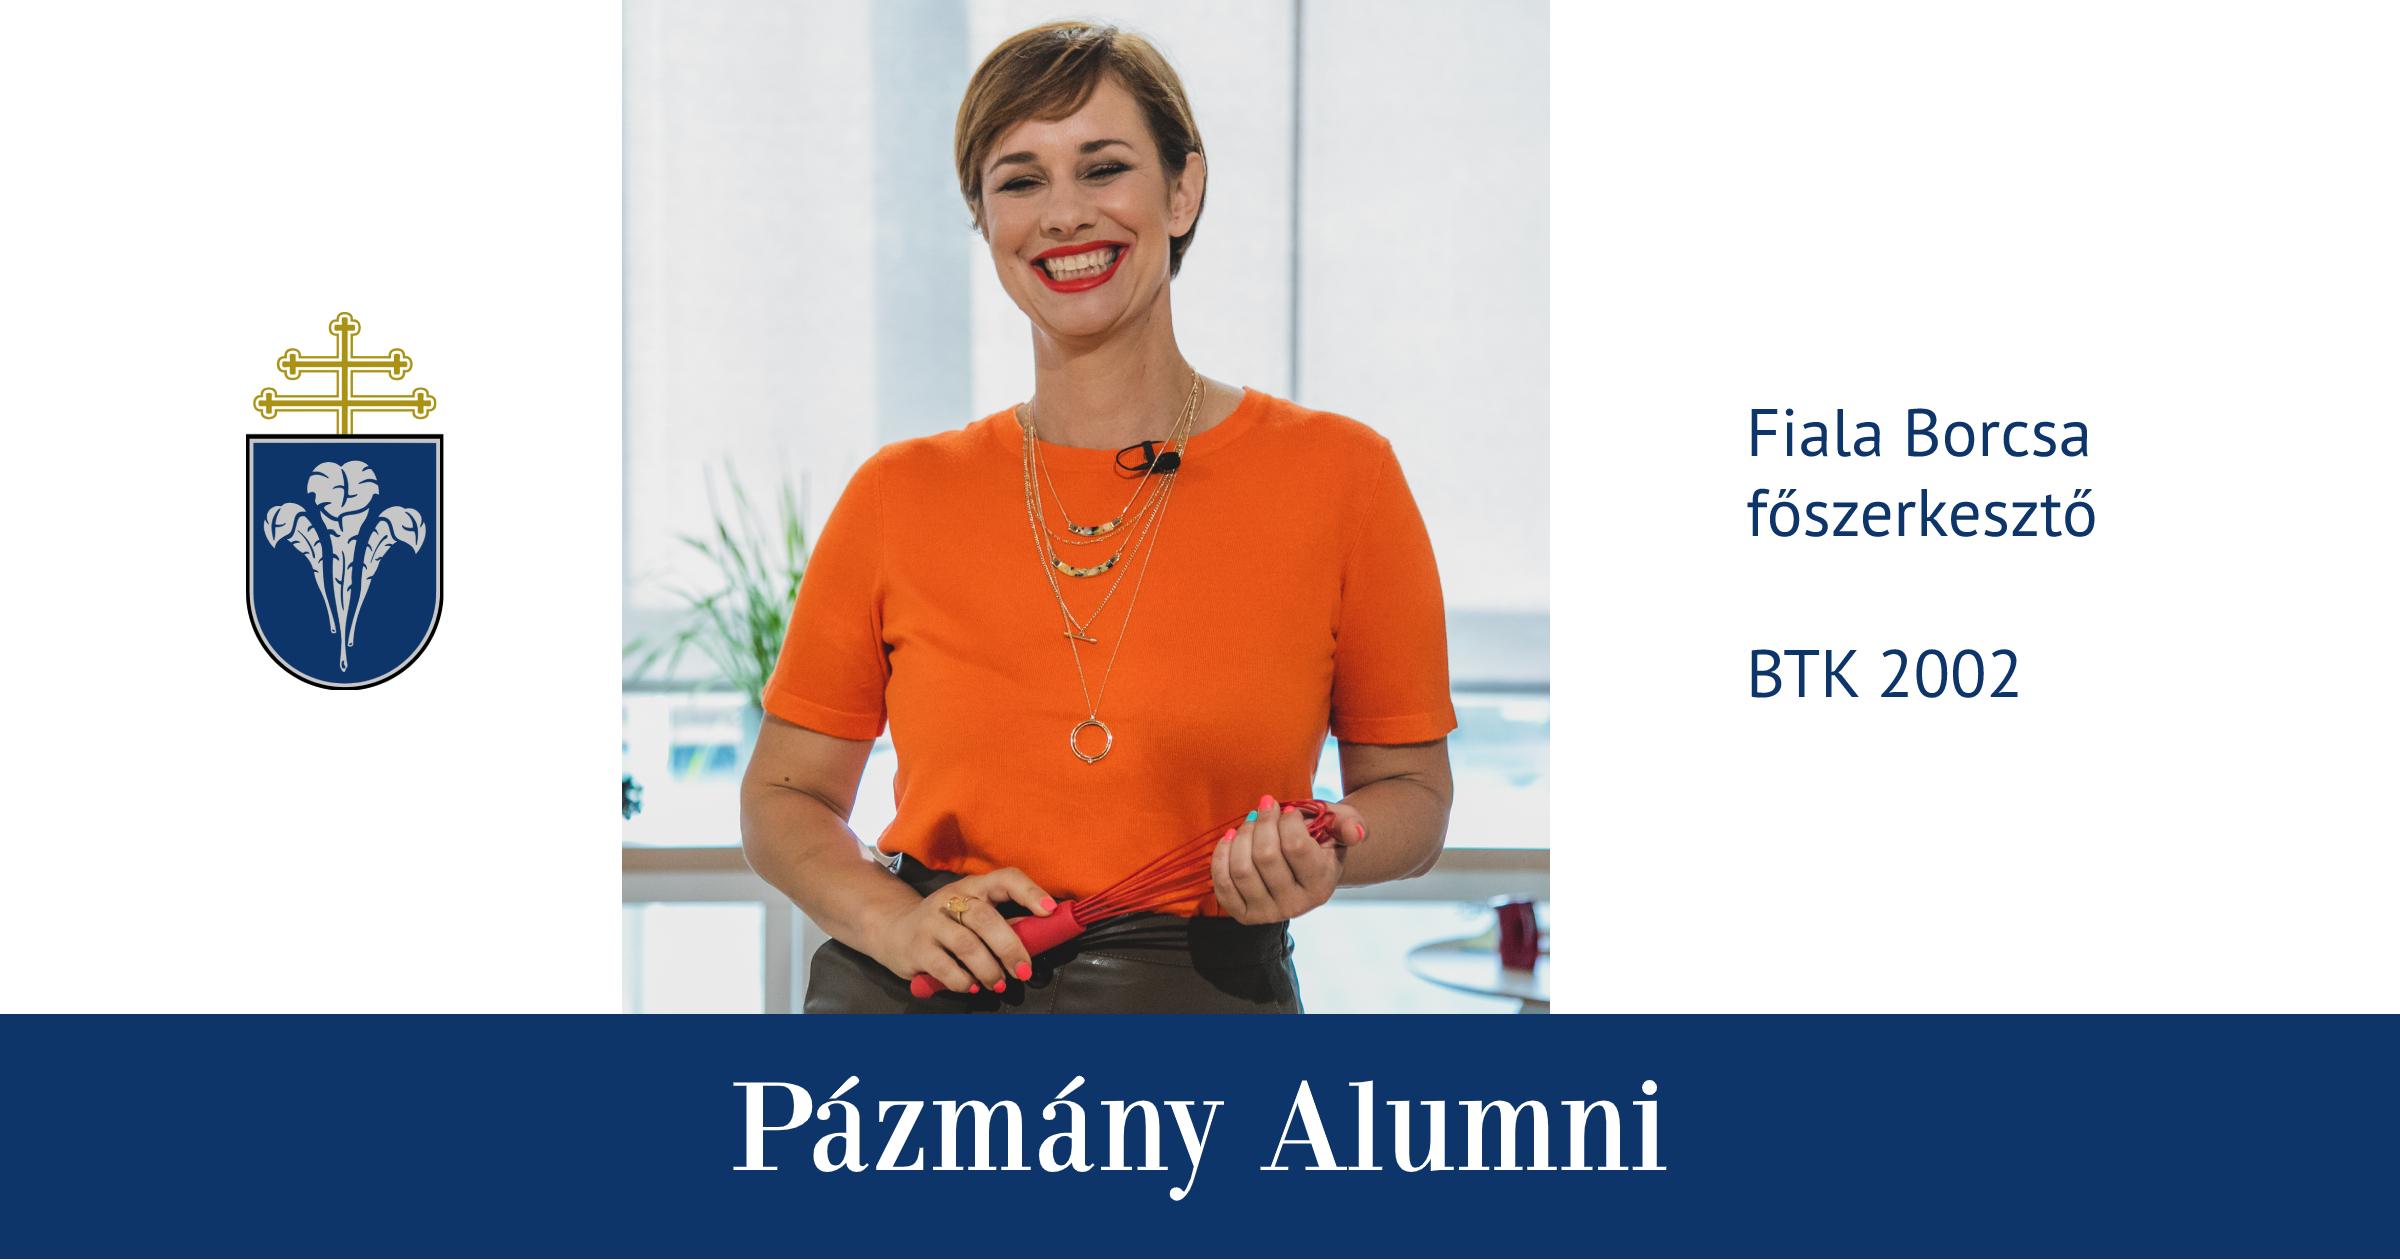 Pázmány Alumni: interjú Fiala Borcsával, a BTK egykori hallgatójával